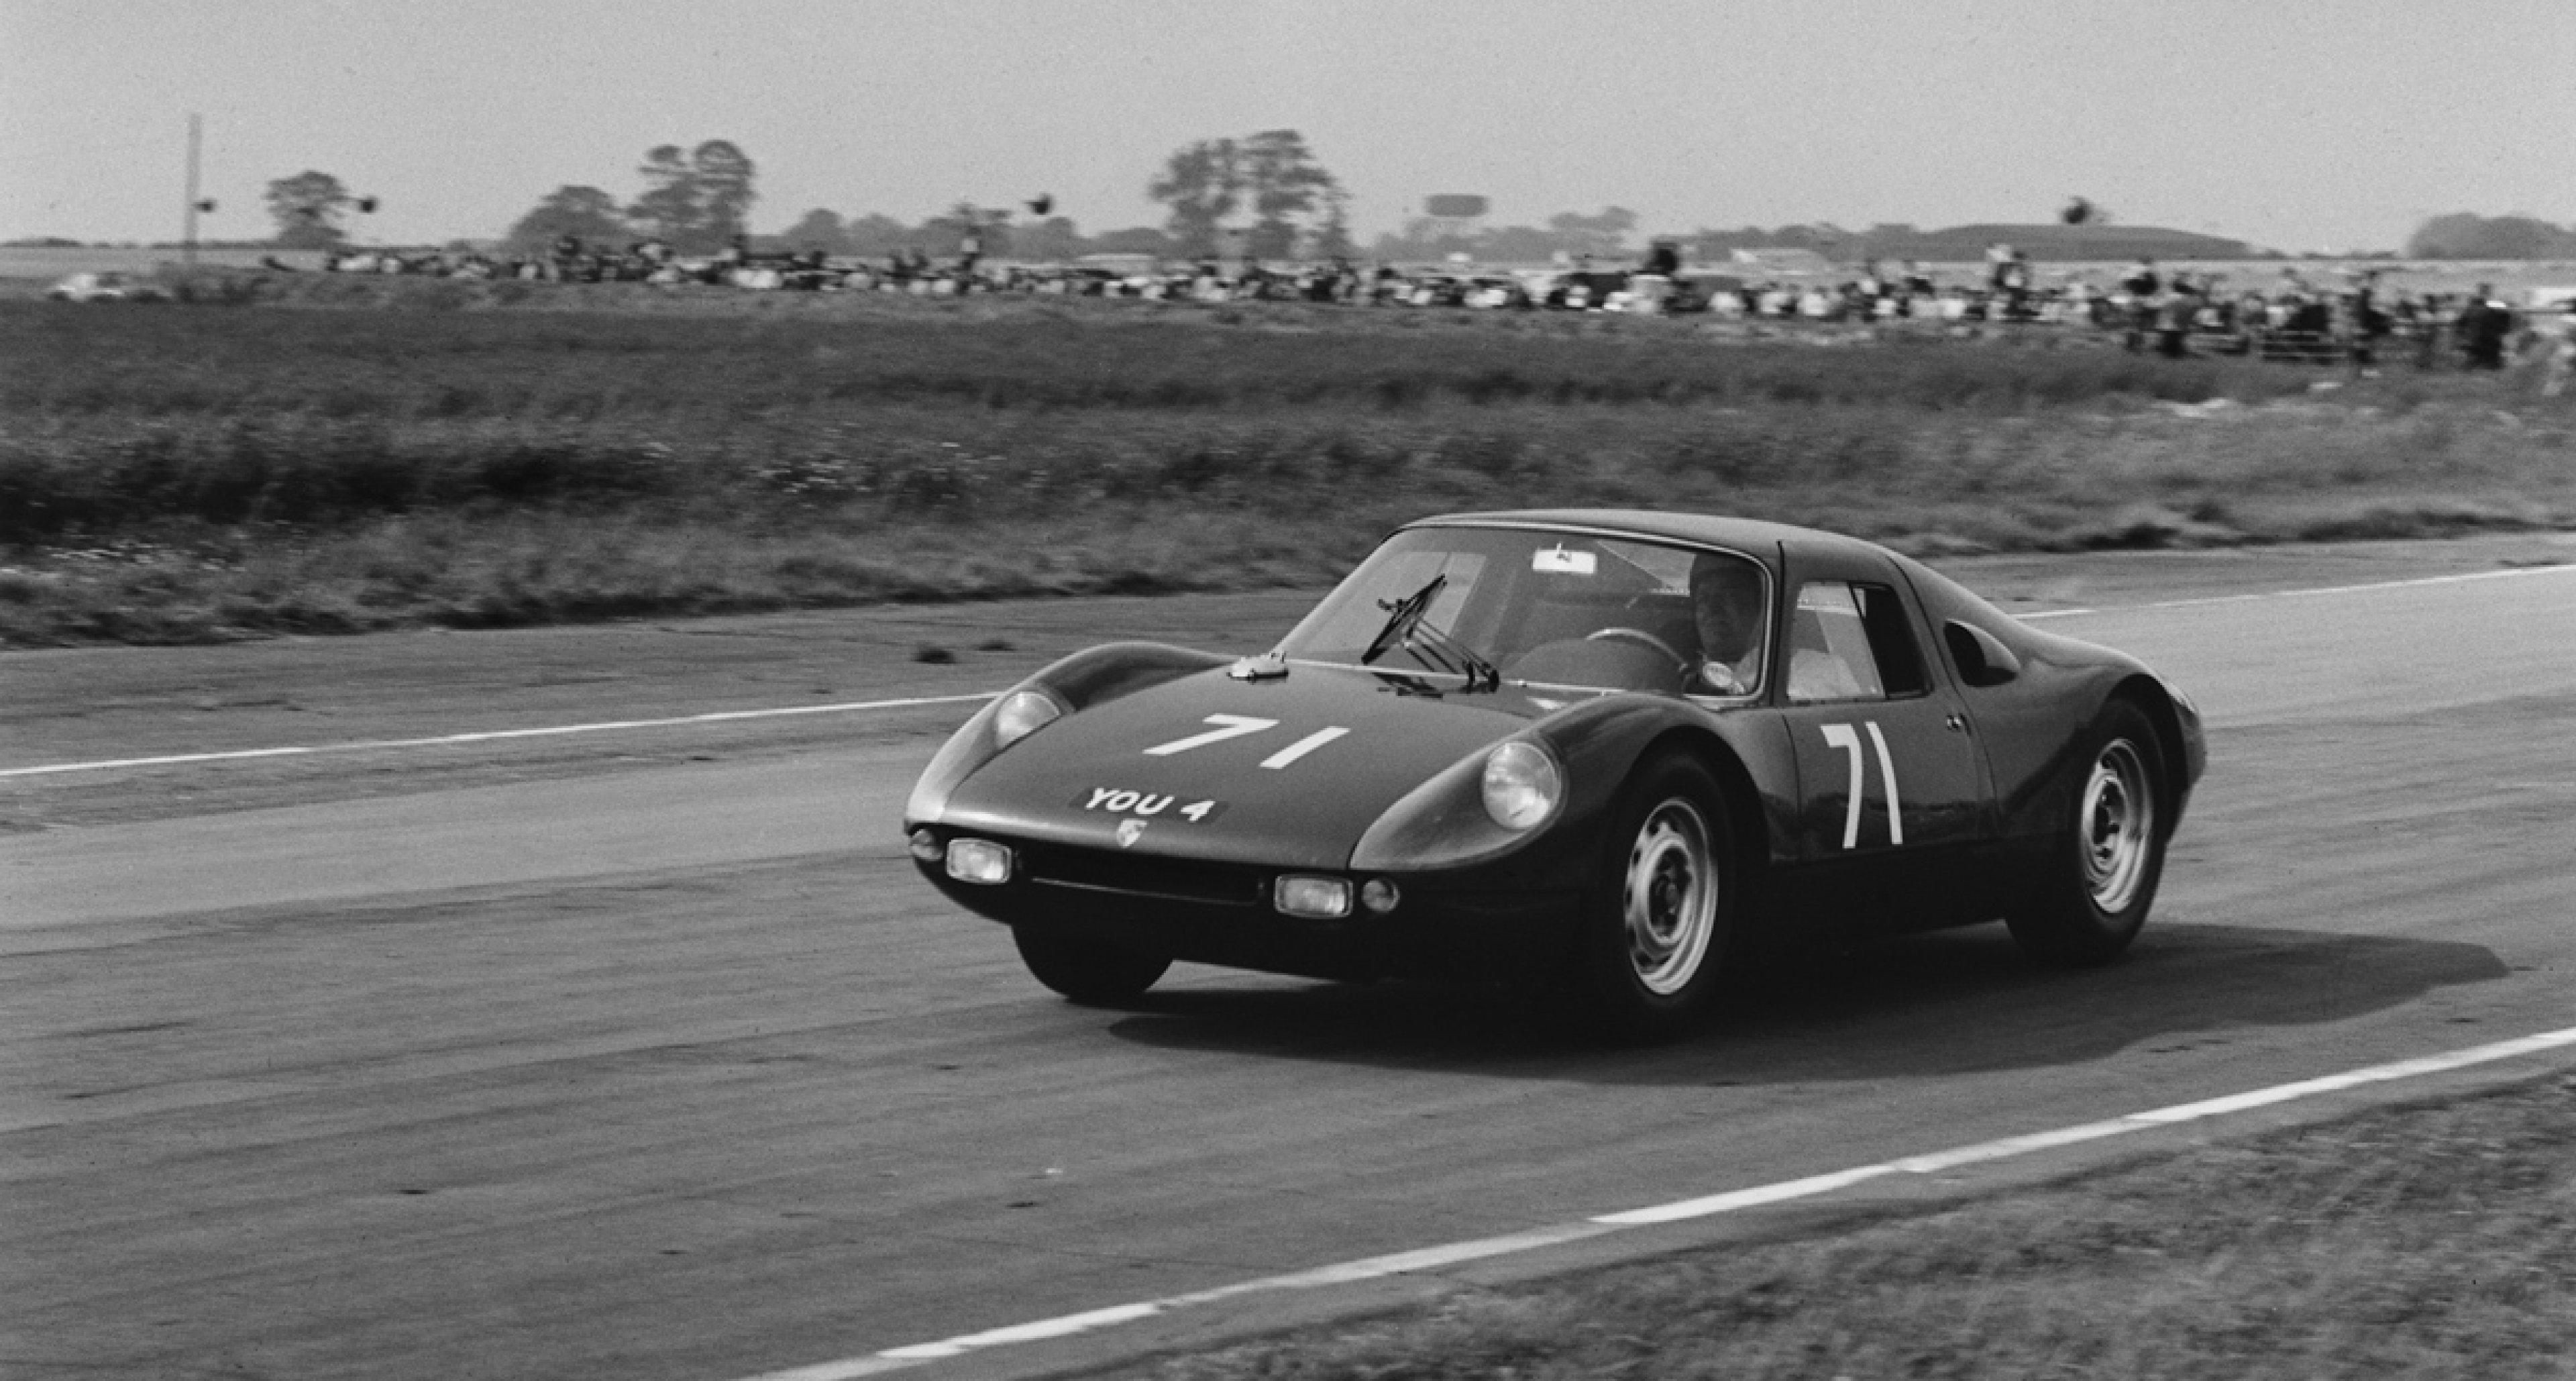 Lot 28: 1964 Porsche 904 Carrera GTS € 1.000.000 - 1.400.000